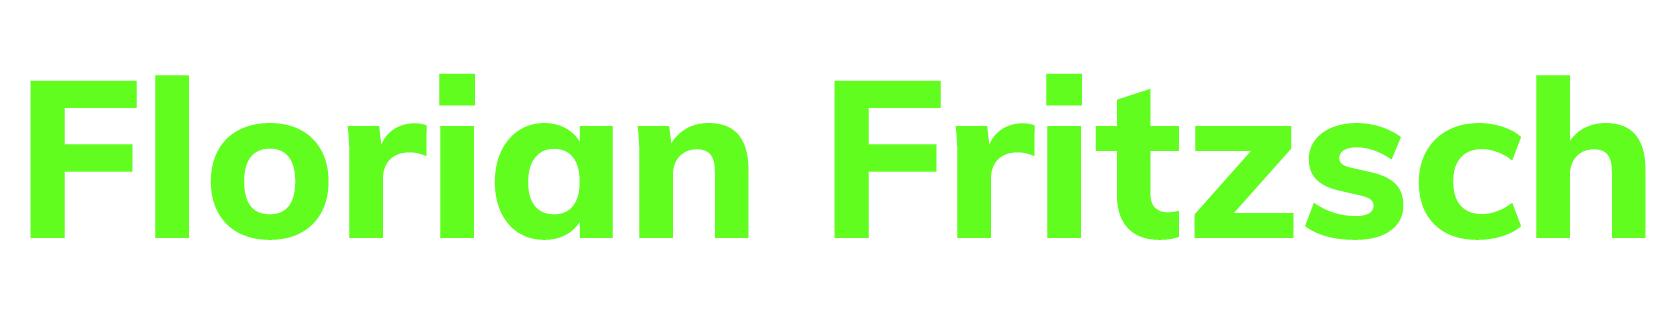 Florian Fritzsch